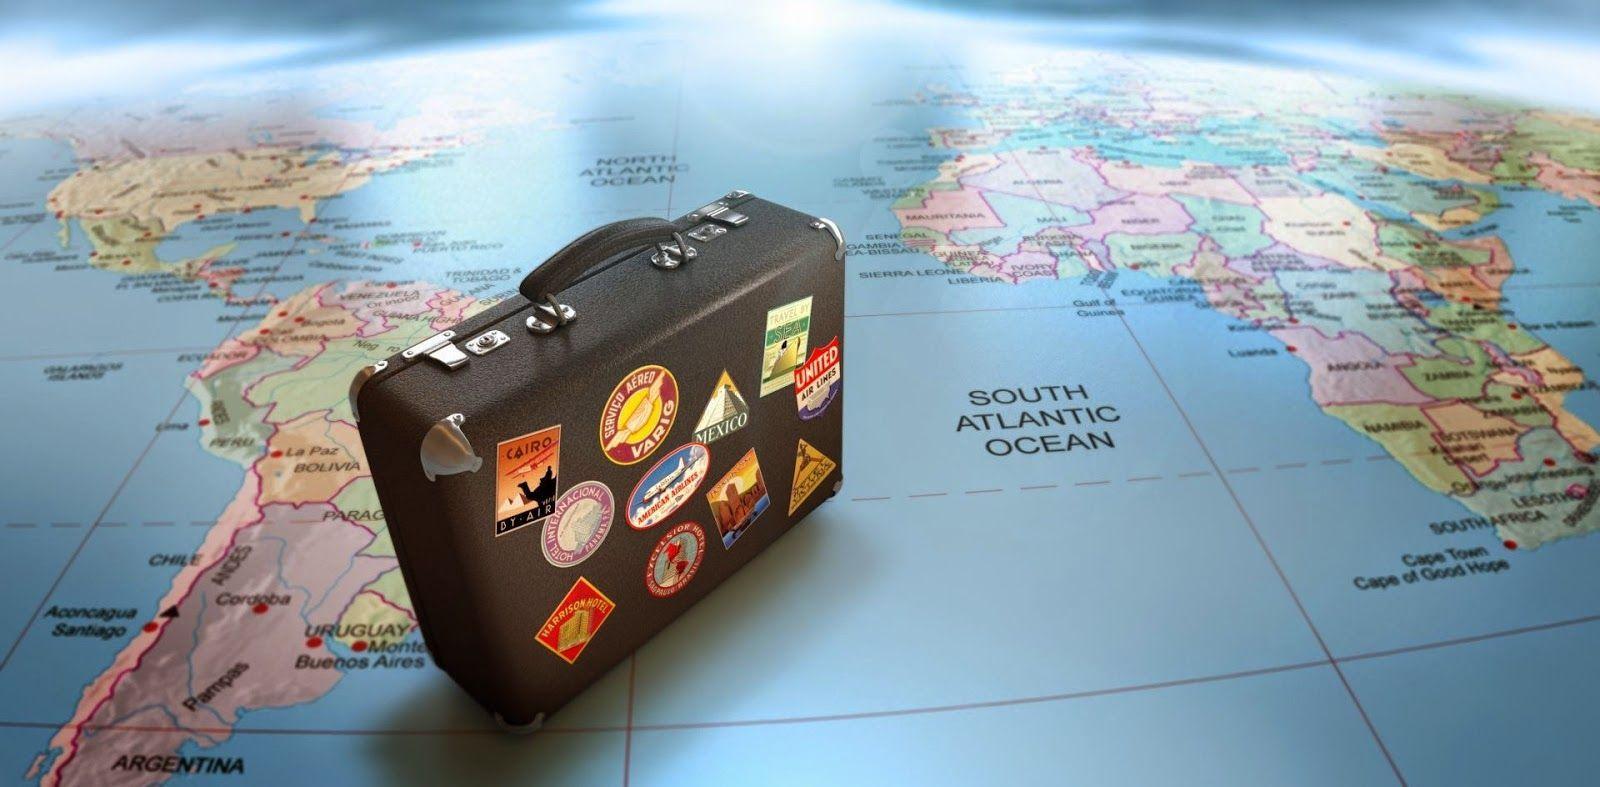 ¿Soportarías mejor el ser rico/a y no poder salir nunca de tu ciudad o ser humilde (clase media) pero viajar por todo el mundo?